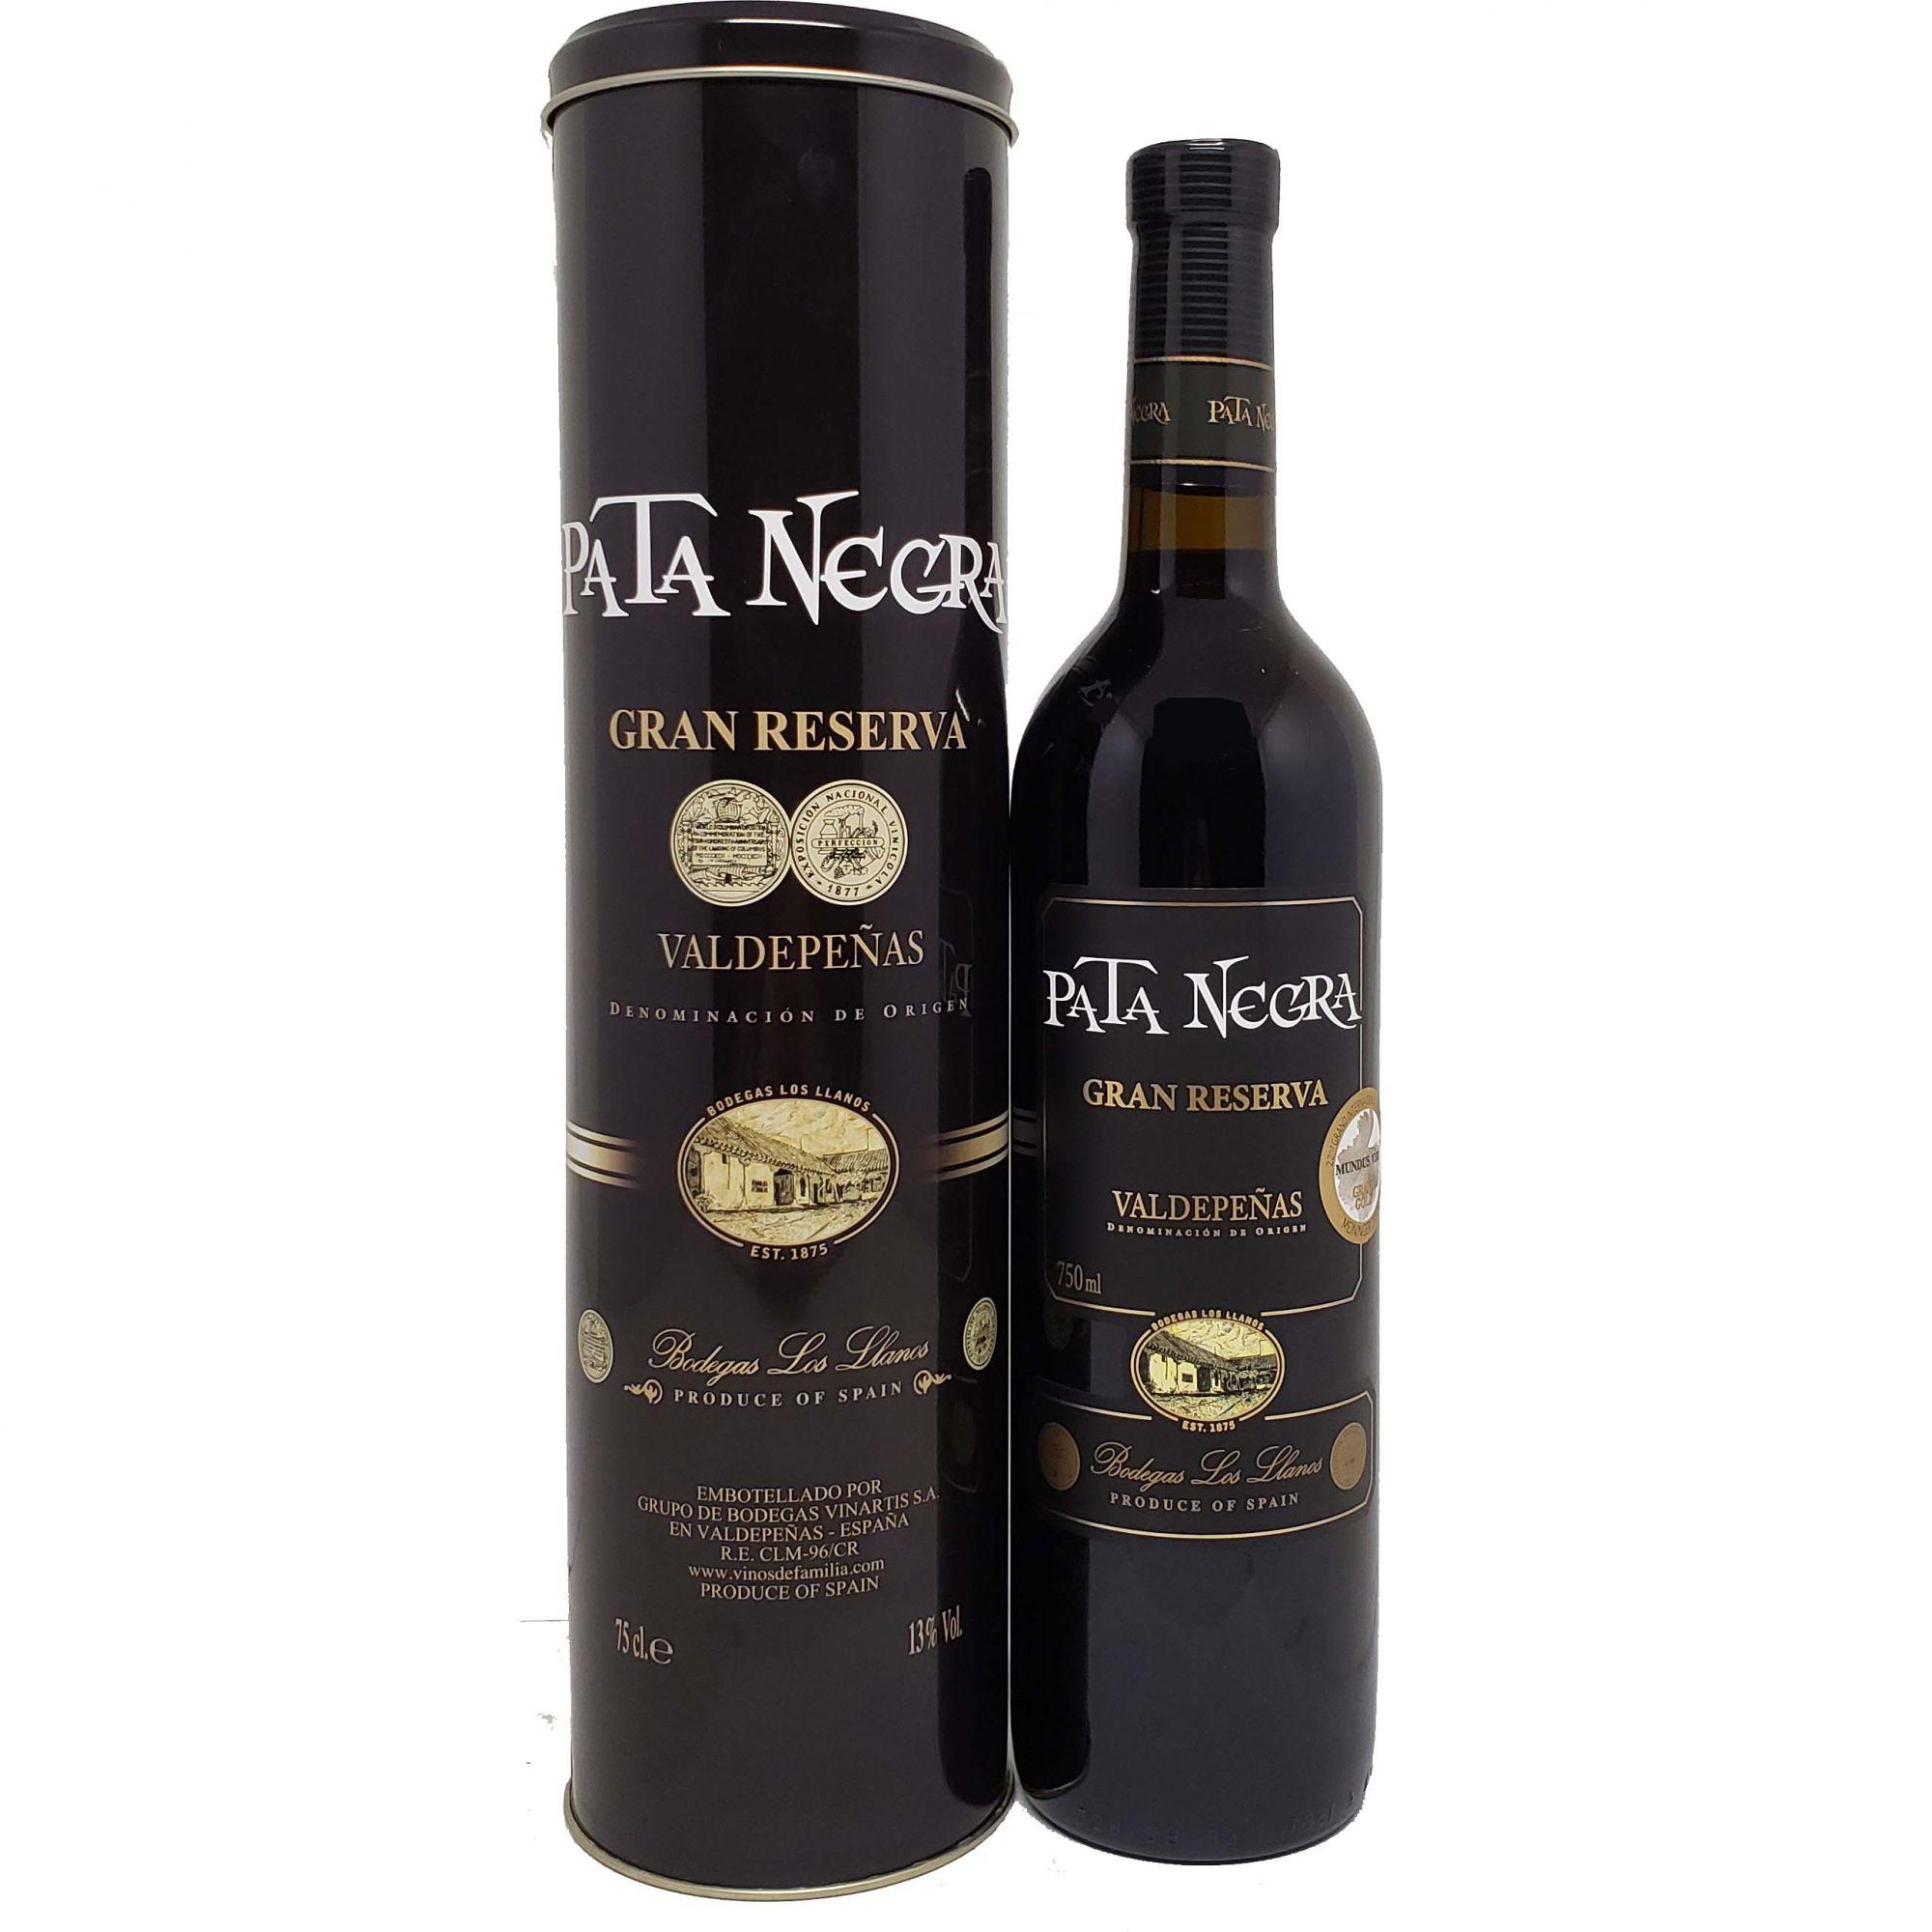 Vinho Pata Negra Gran Reserva 750ml C/ Lata